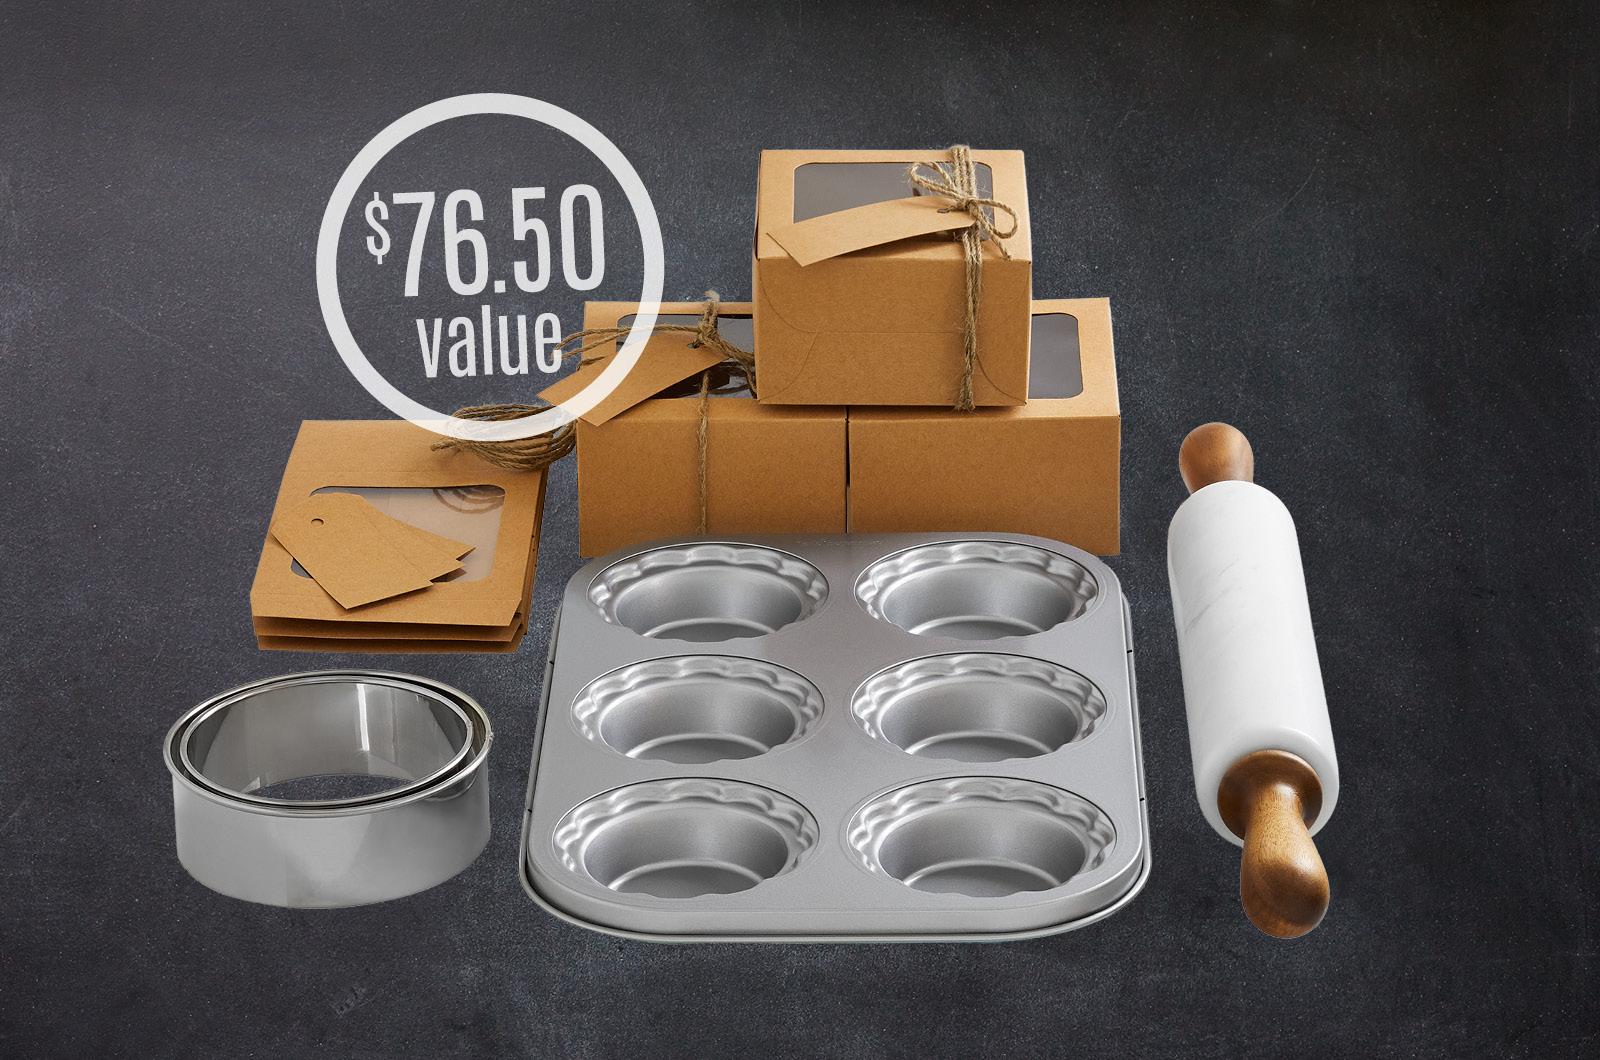 Mini Pie Gift-Making Set, $76.50 value